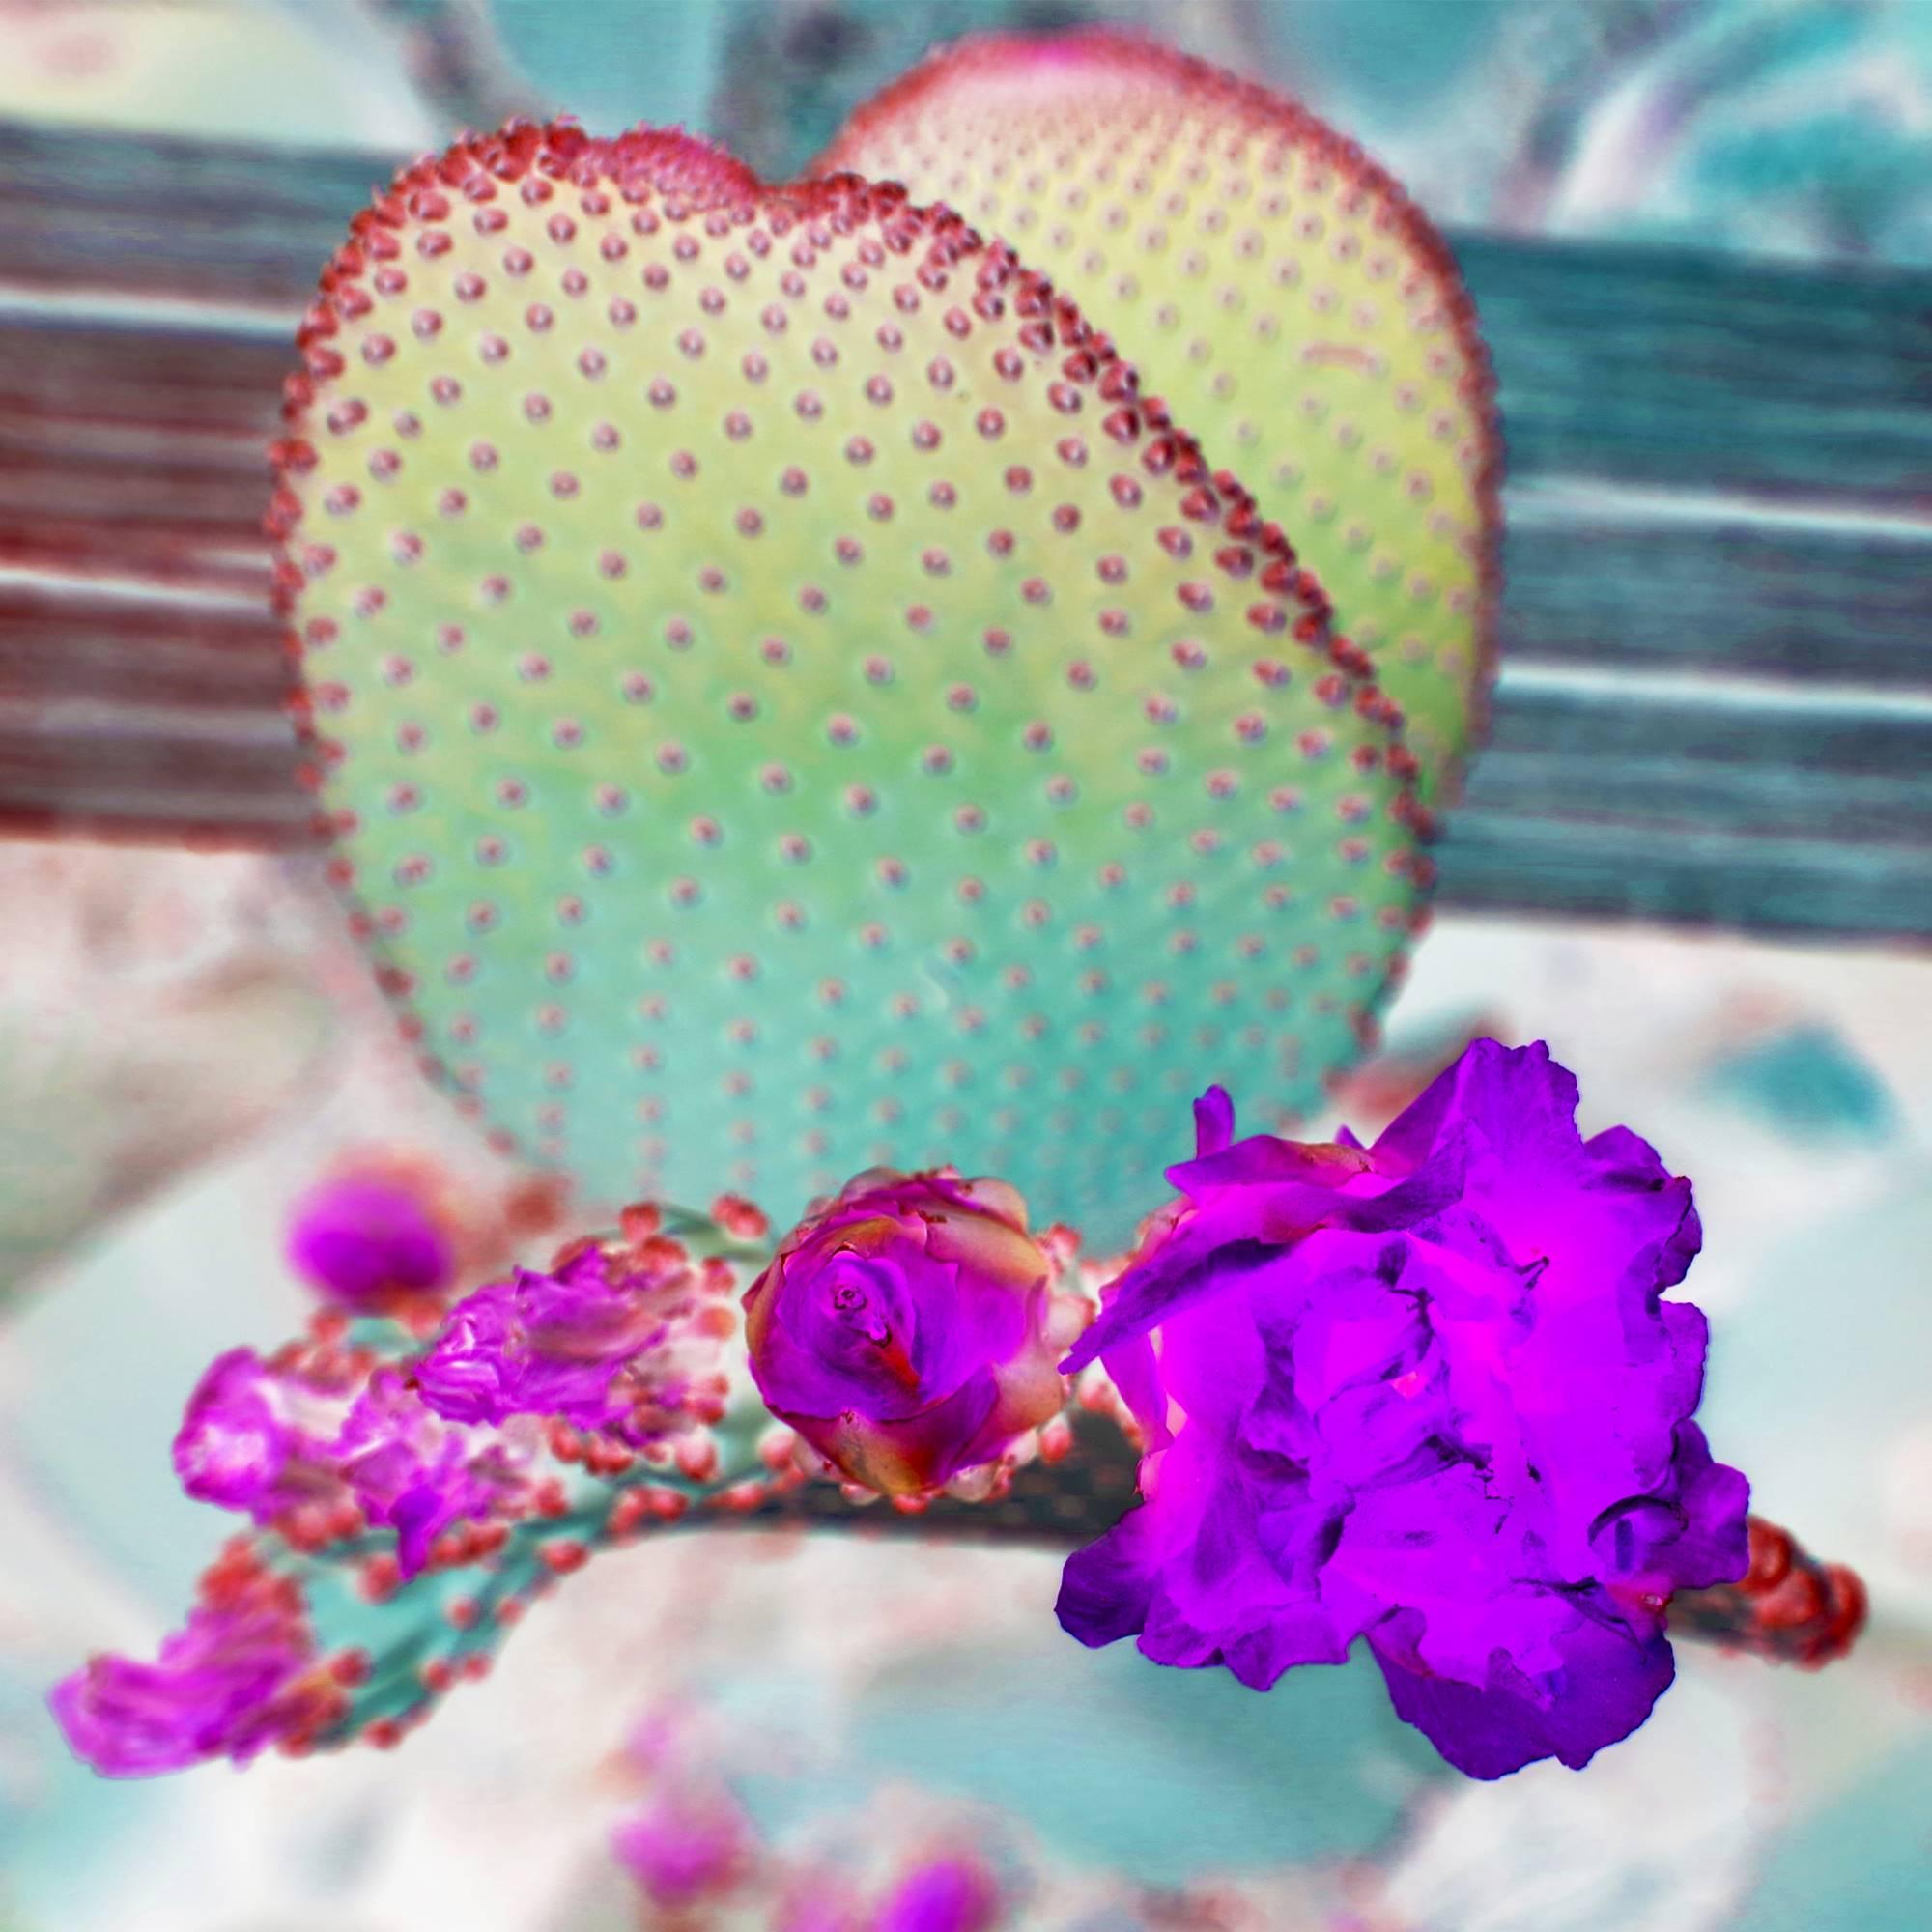 Beaver tail Cactus in bloom 24x24 FINAL WEBSITE.jpg